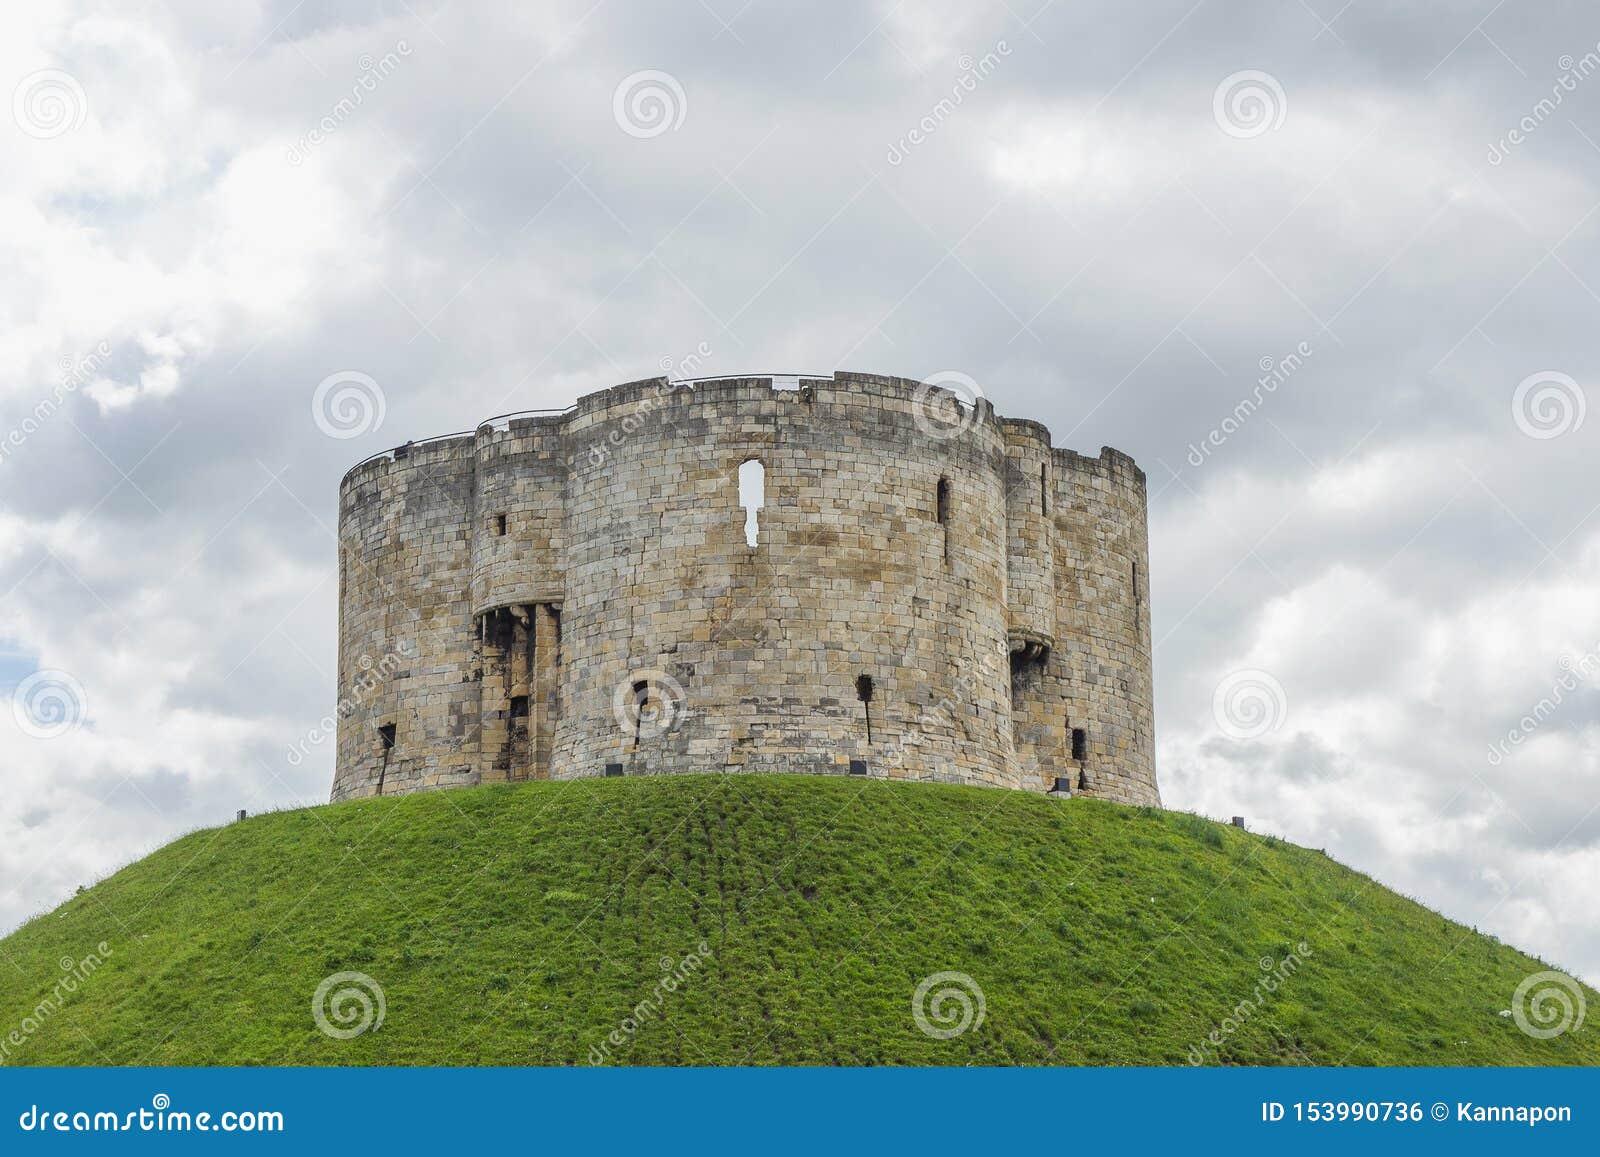 La tour de Clifford est l un des sites les plus appréciés de York